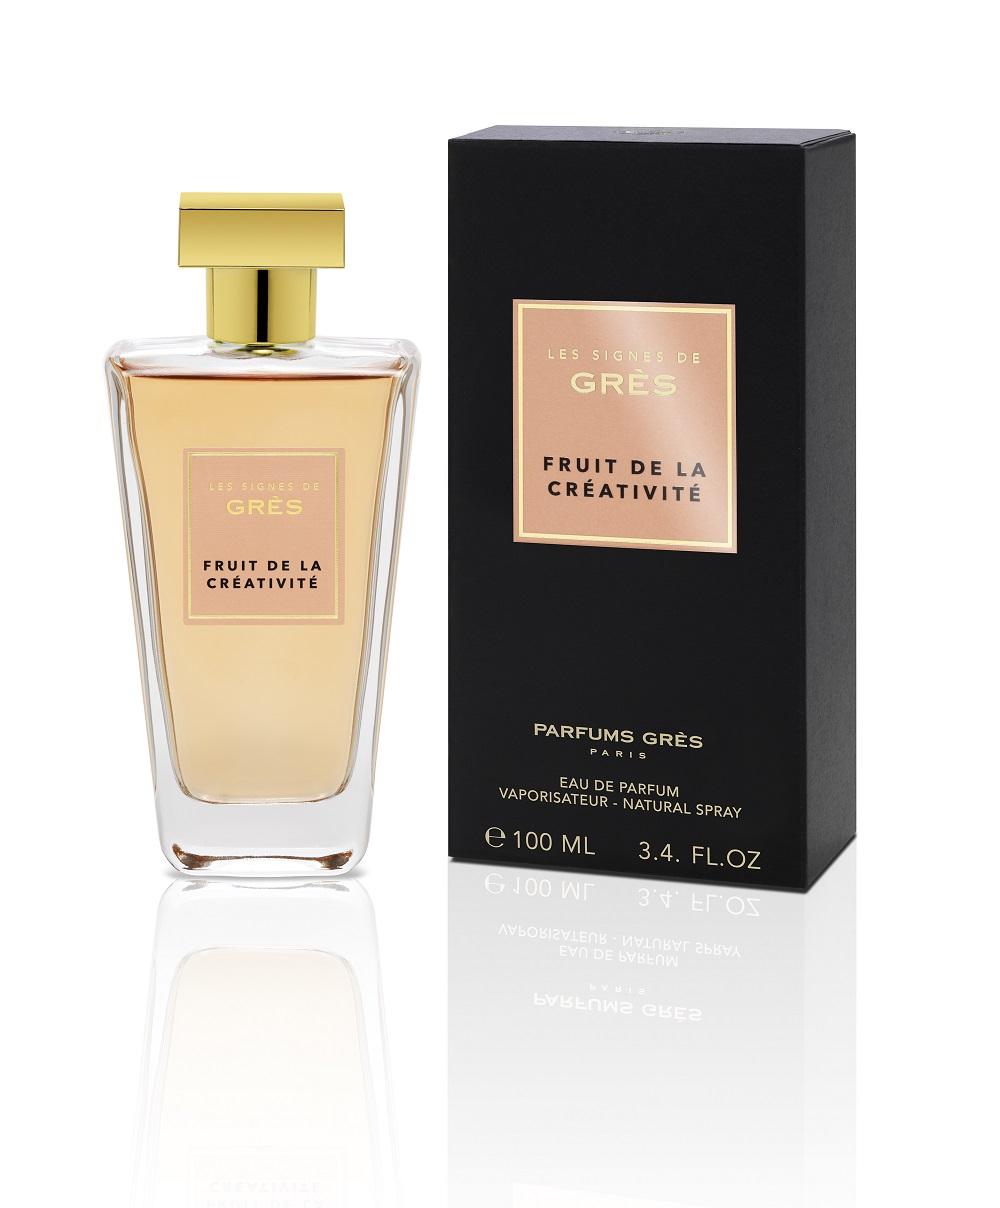 Fruit De La Créativité Gres Perfume A New Fragrance For Women And